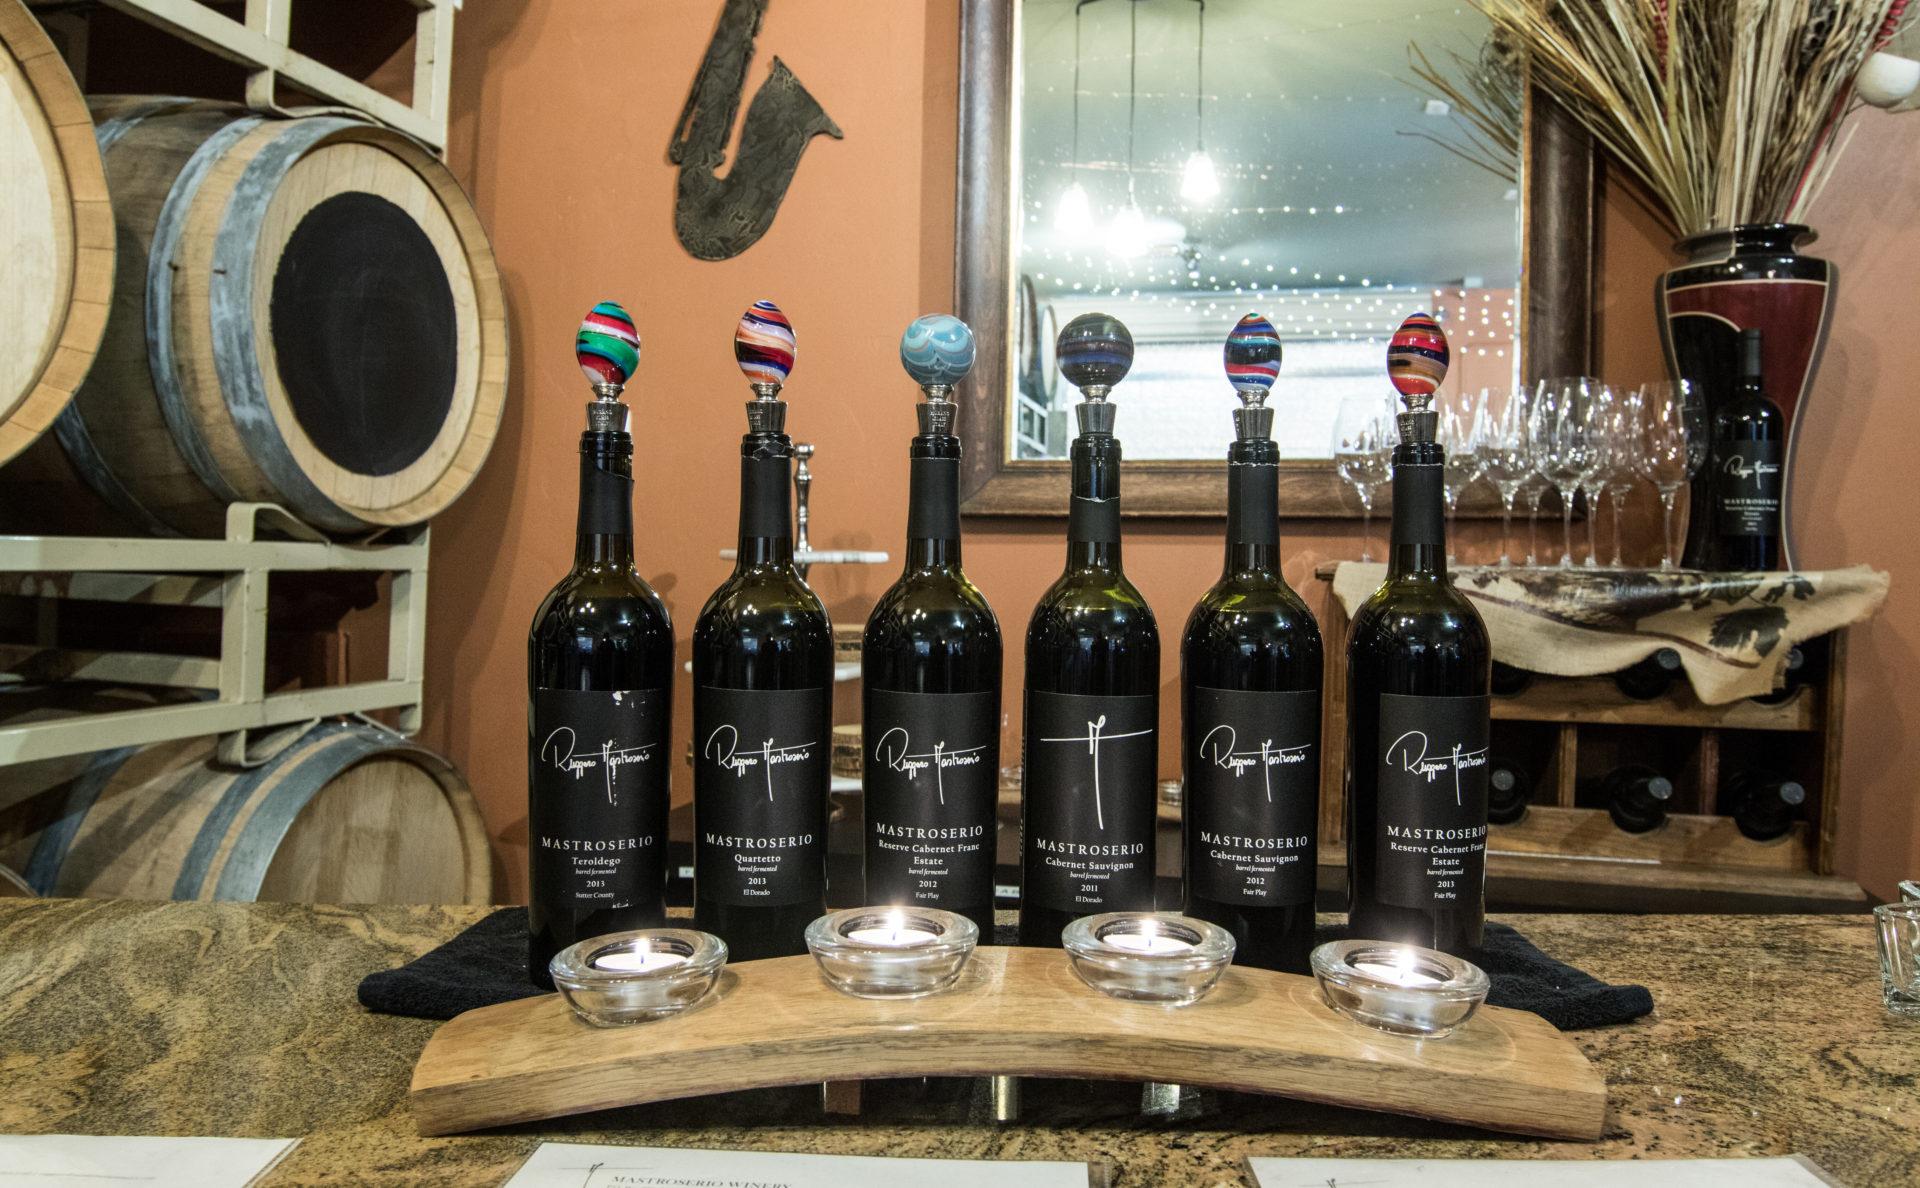 Mastroserio Winery